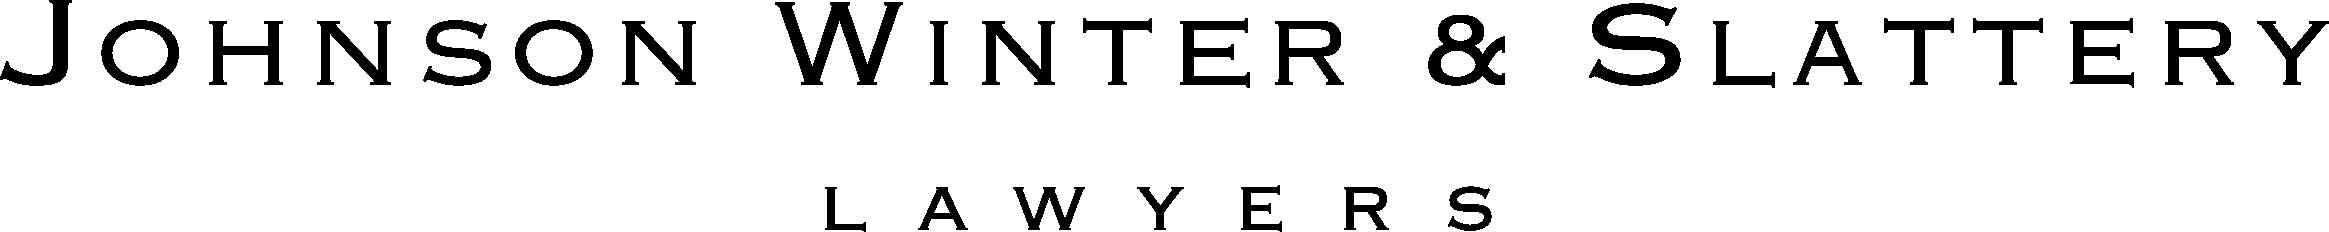 Johnson_Winter_&_Slattery[1]